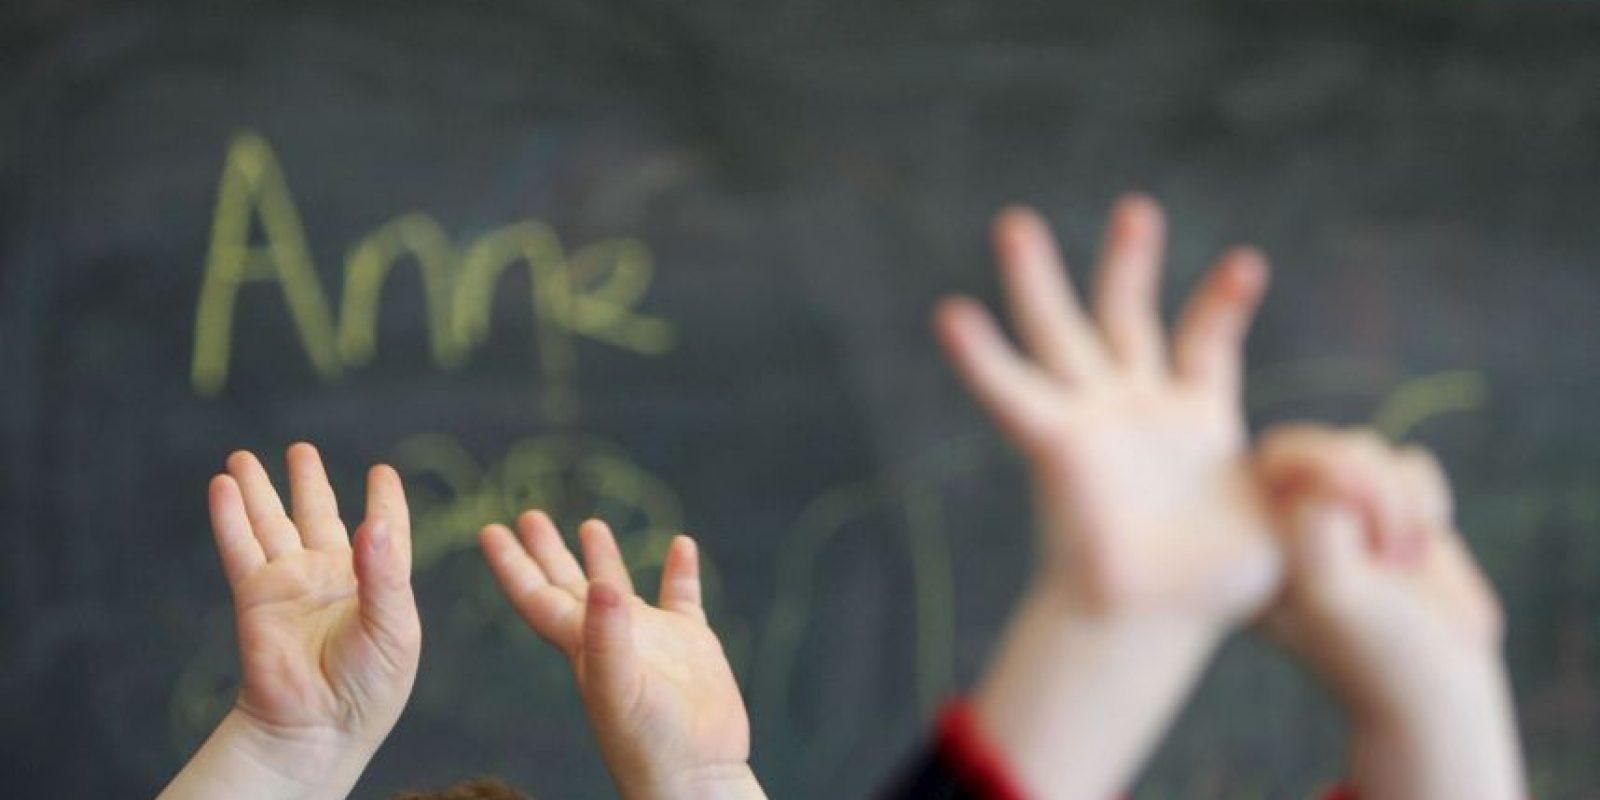 """Se desconocen las razones que hicieron que los niños quisieran """"cocinar"""" su hermana. Foto:Getty Images"""